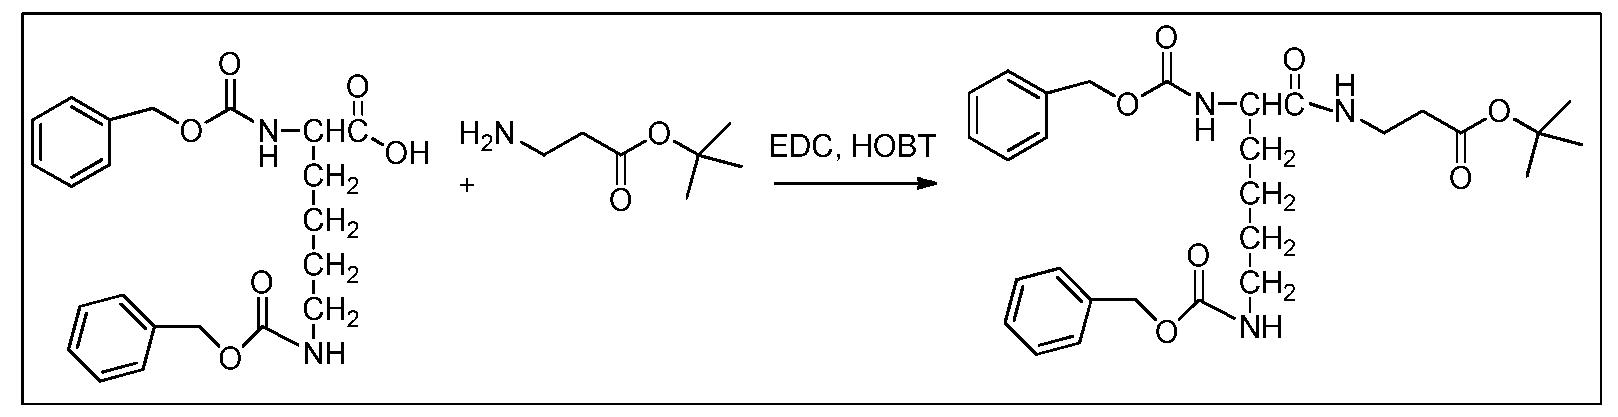 Figure imgf000124_0002